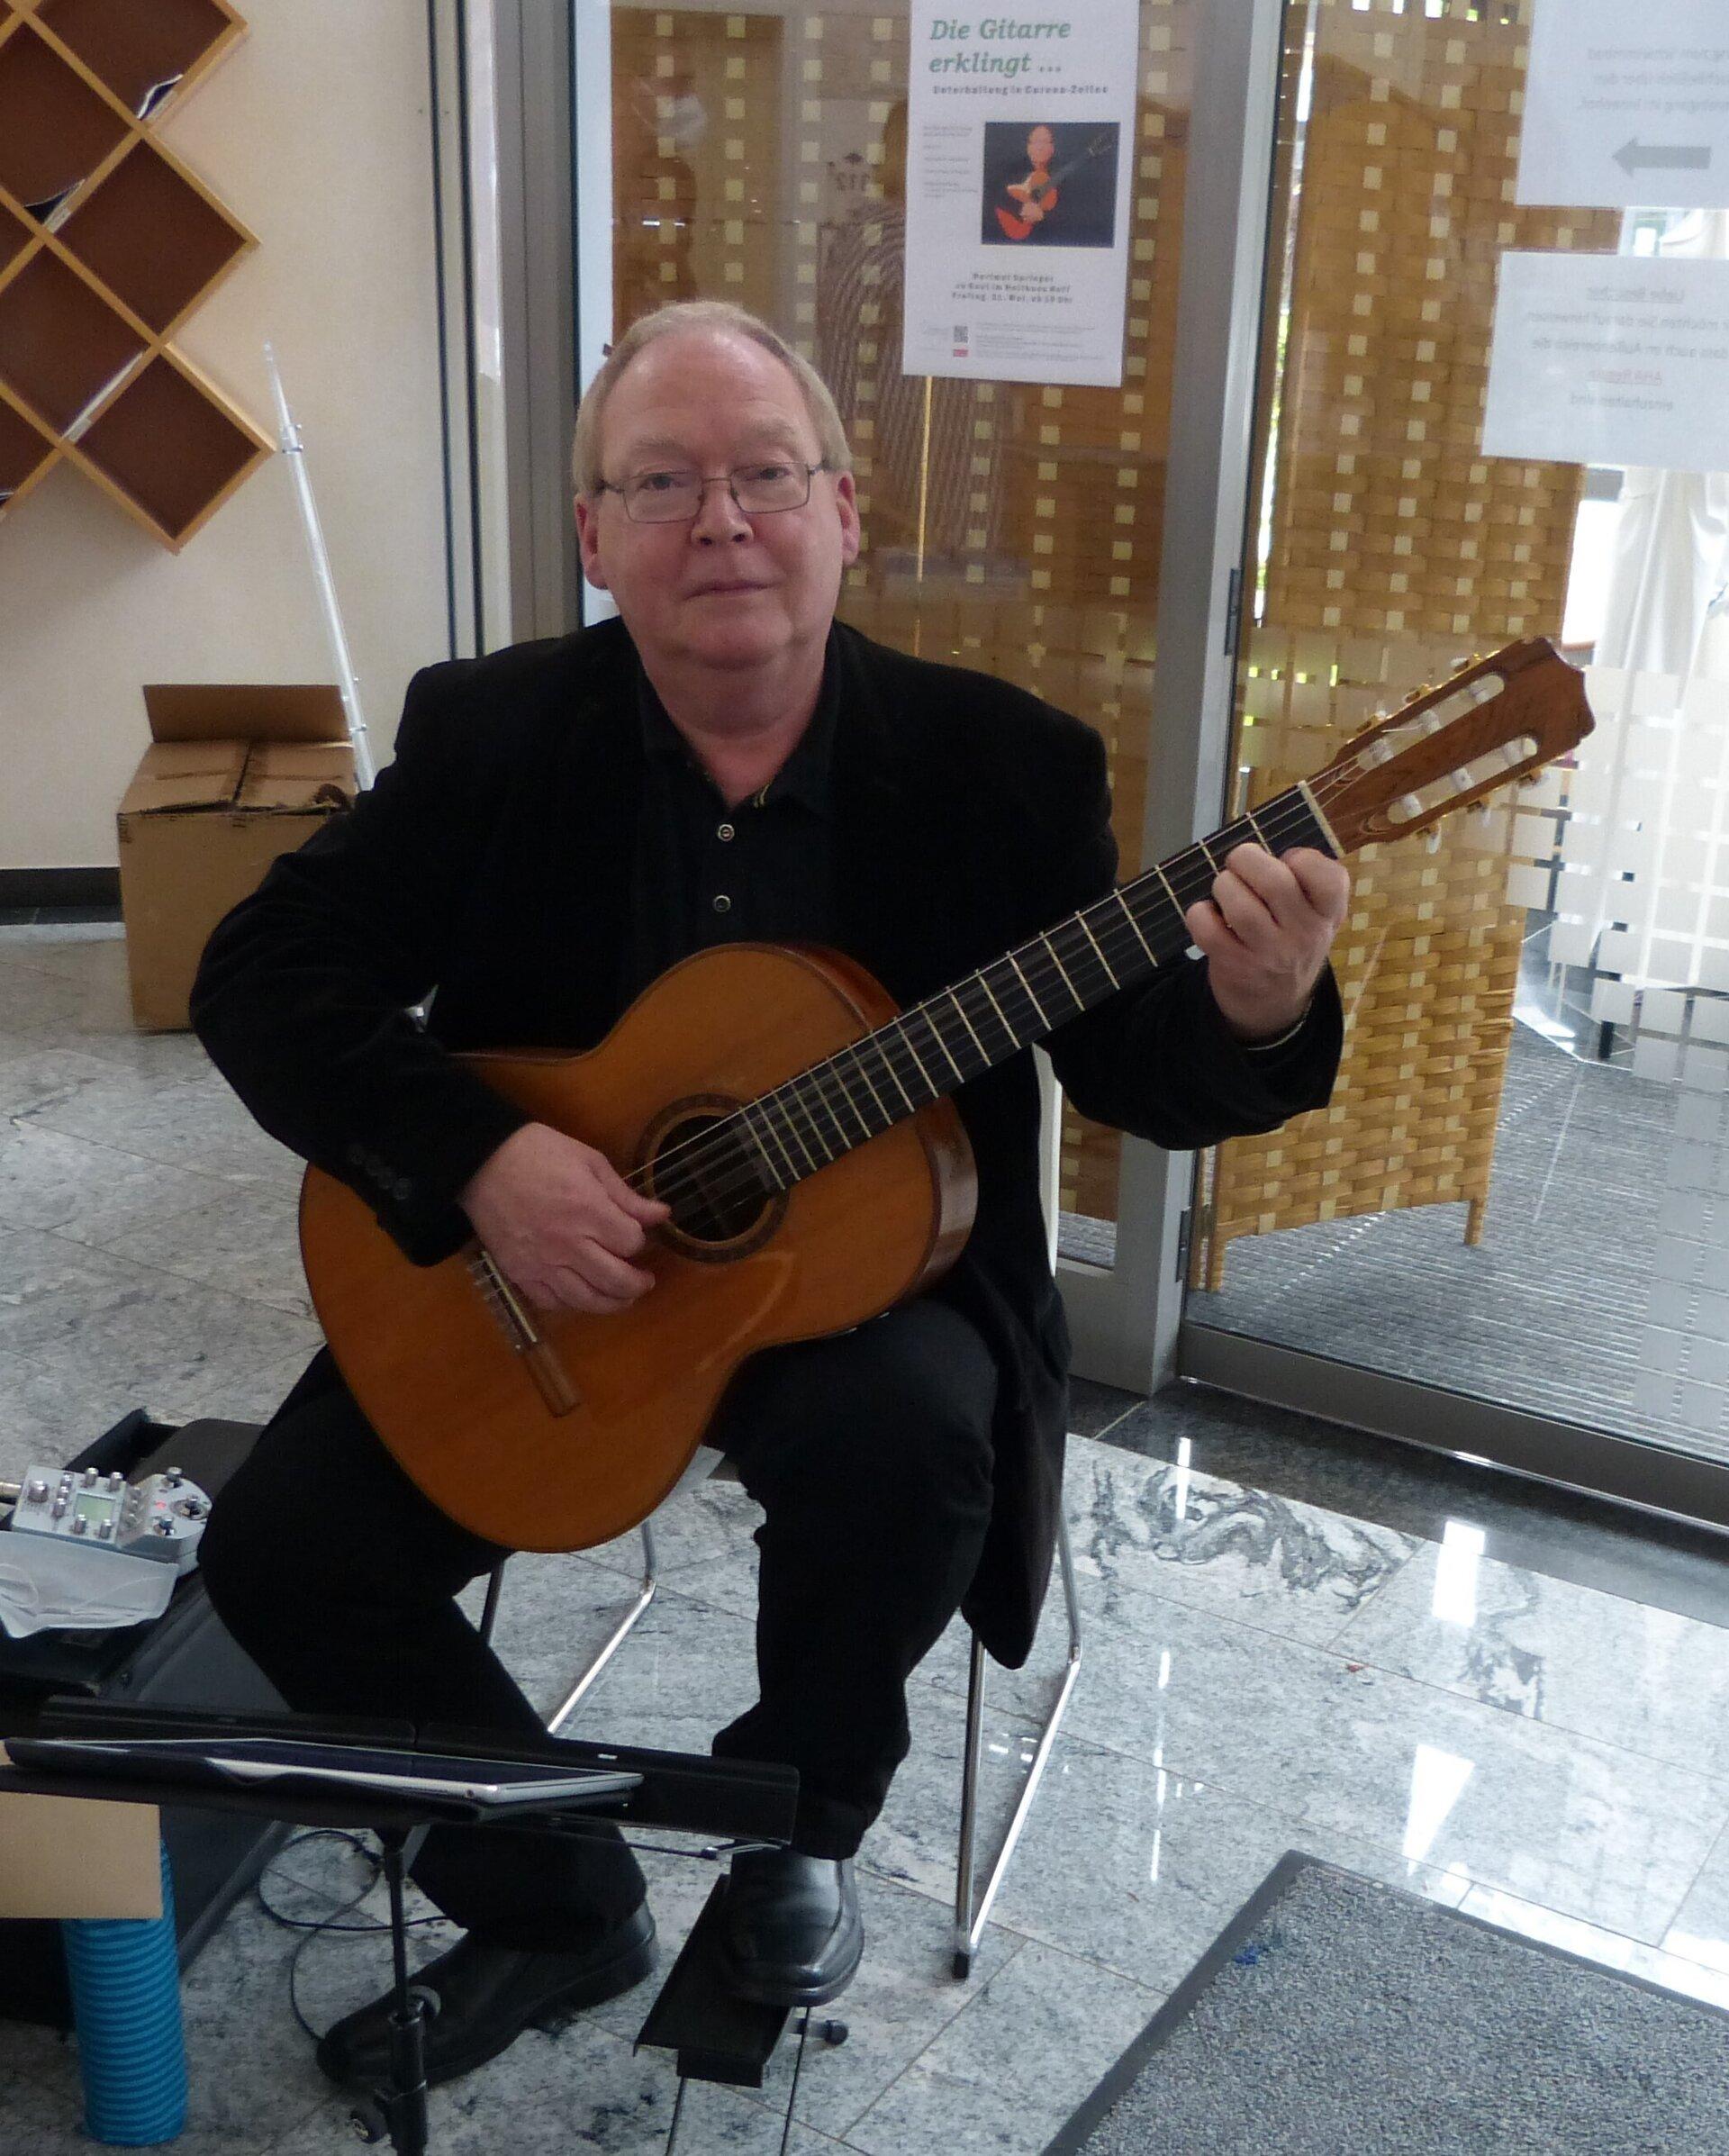 Hartmut Springer brachte im Holthues Hoff die Gitarre zum Klingen. Foto: Bürgerstiftung WML